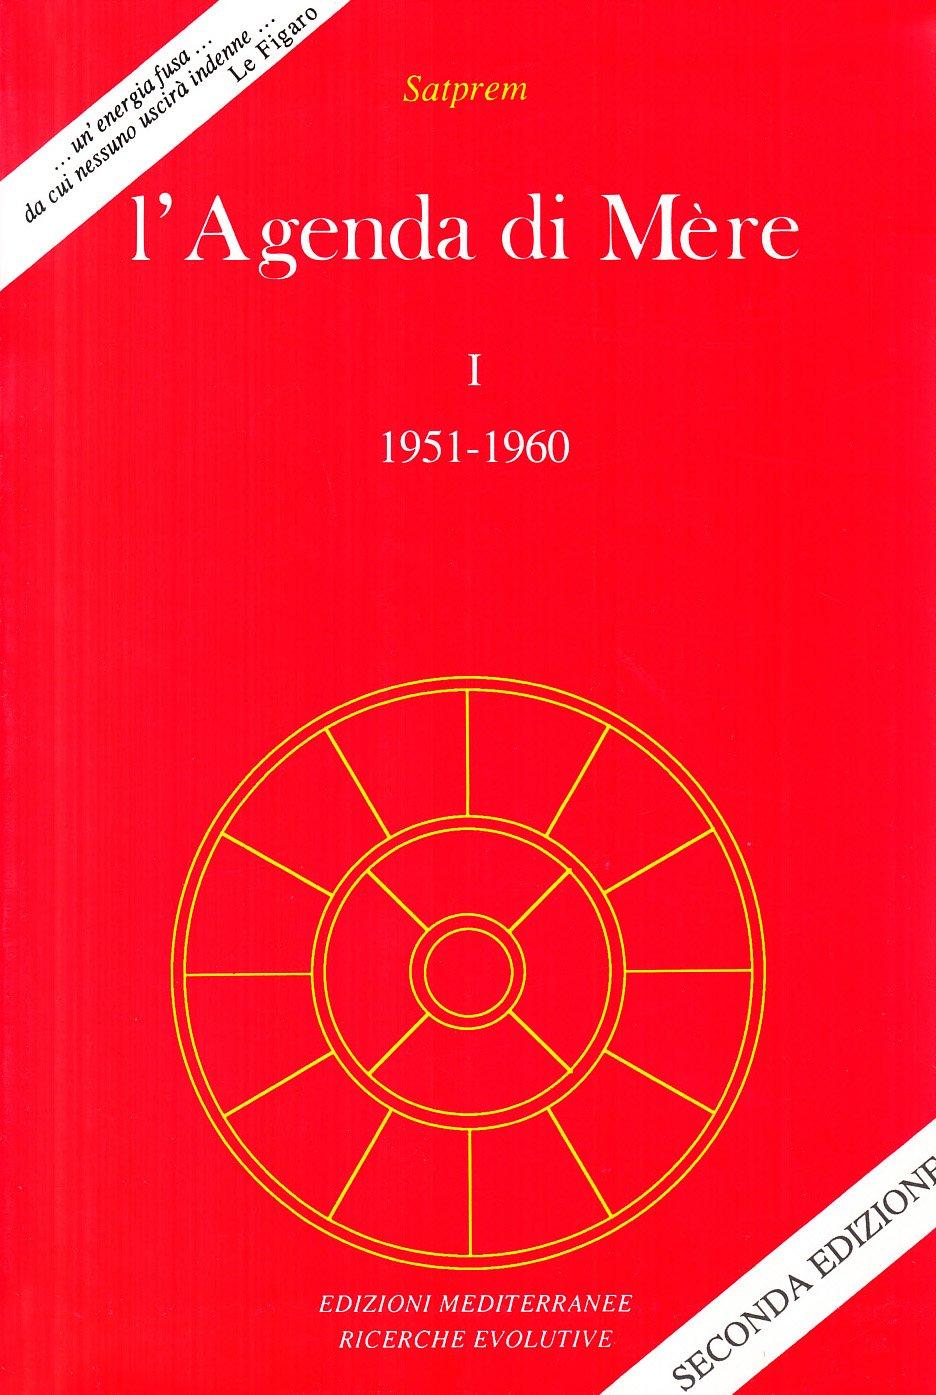 Lagenda di Mère: 8 (Yoga, zen, meditazione): Amazon.es ...